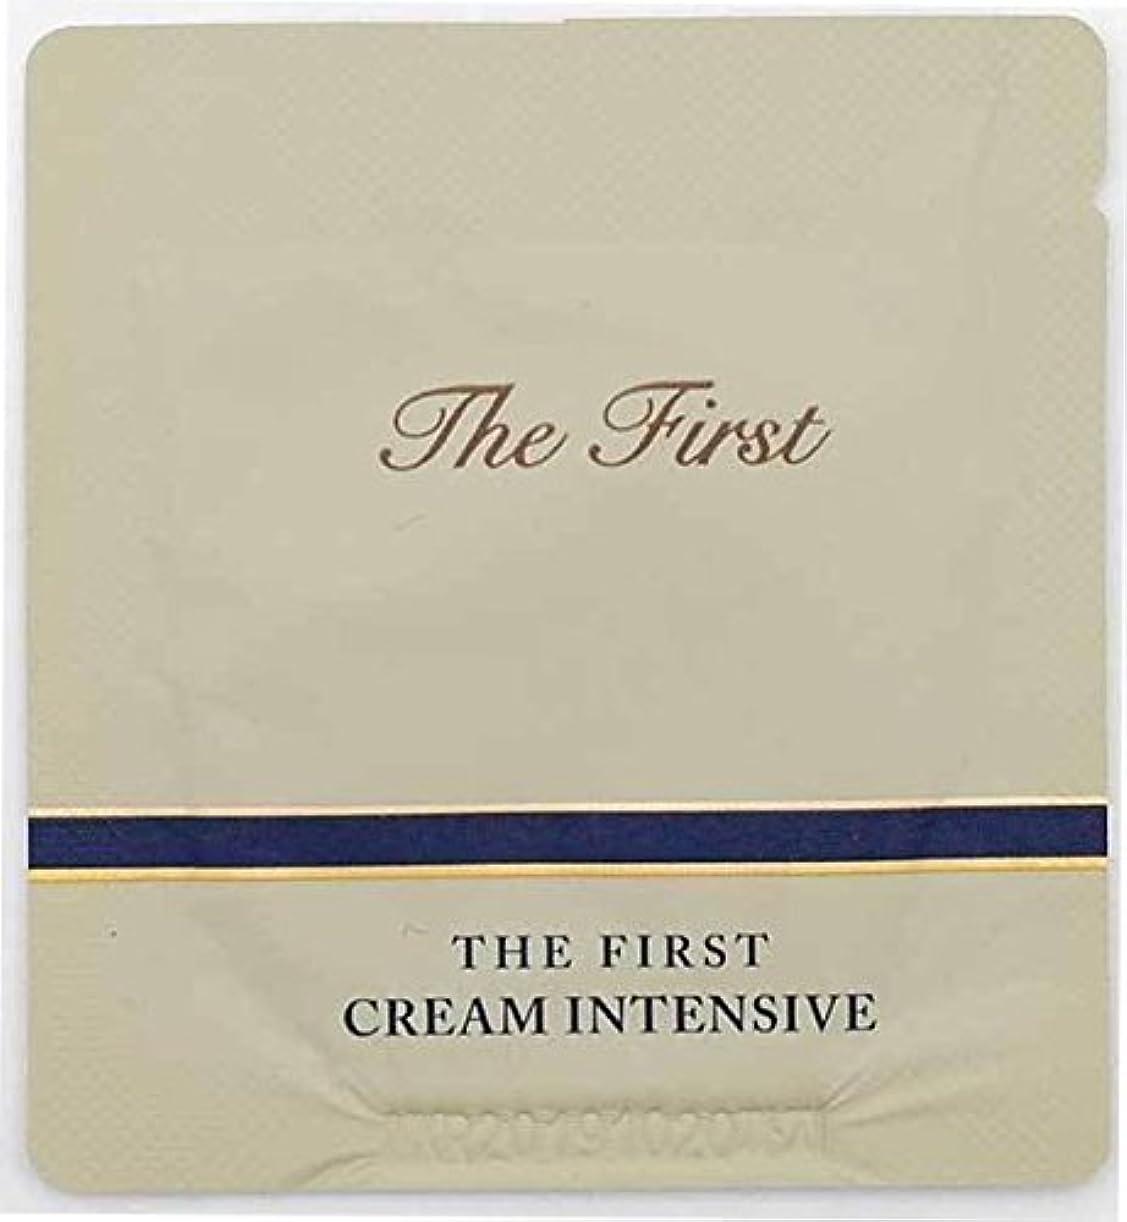 感じ使い込むイサカ[サンプル] OHUI The First Cream intensive 1ml × 30ea/オフィ ザ ファースト クリーム インテンシブ 1ml × 30個